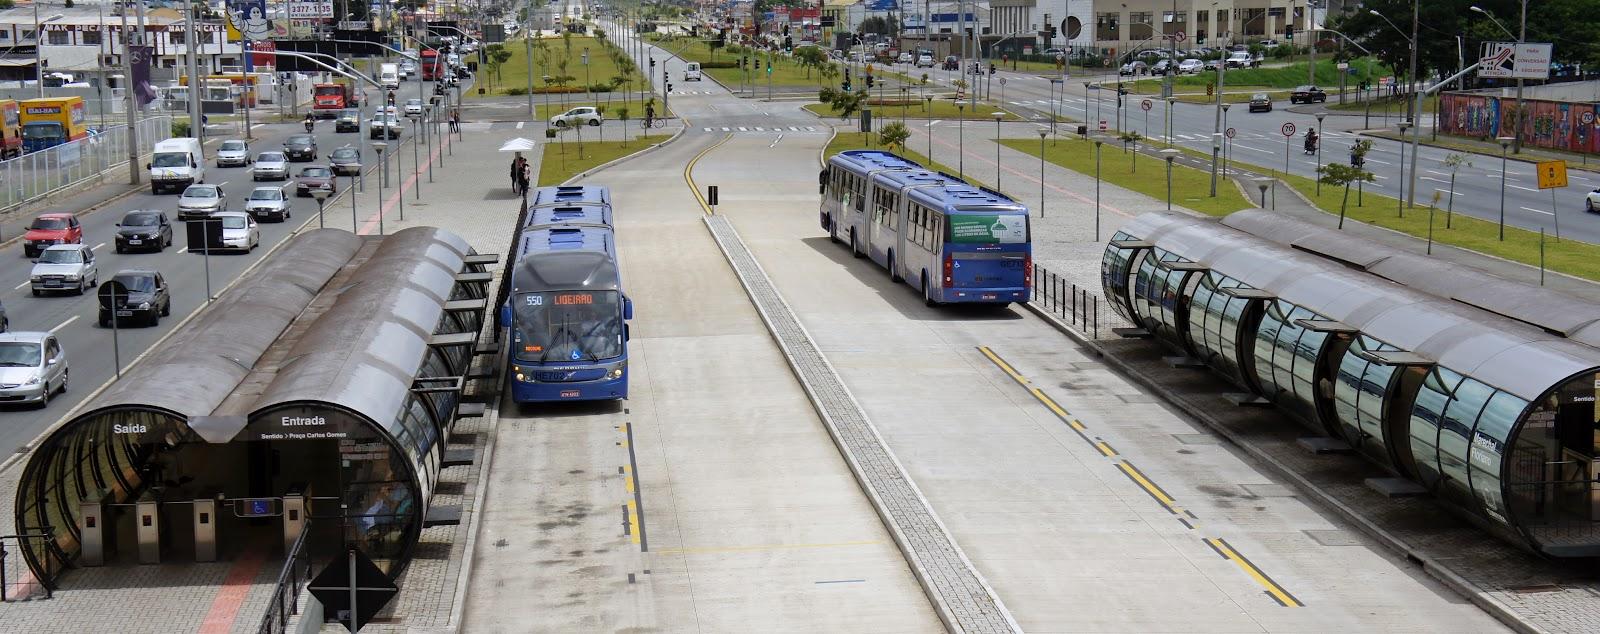 Curitiba é uma das poucas cidades brasileiras com BRT padrão ouro. (Fonte: Wikimedia/Reprodução)